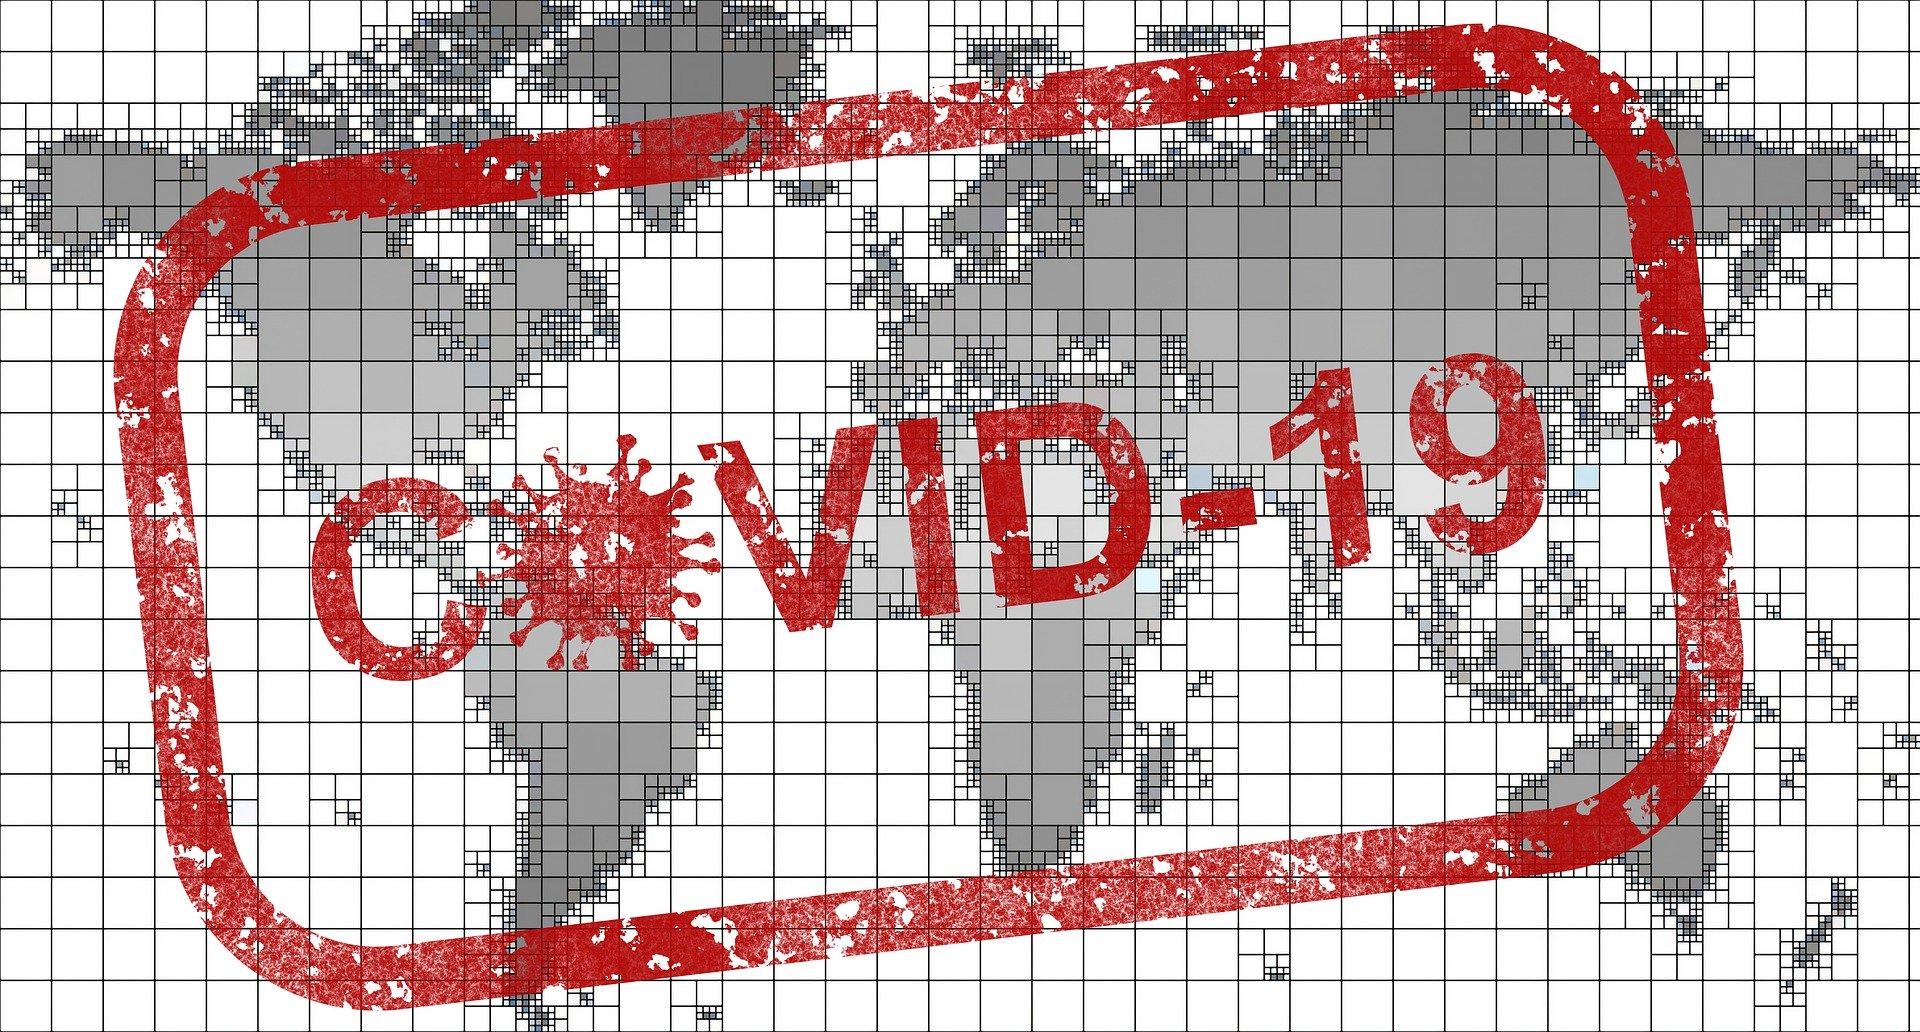 Unterstützung: COVID-19 Pandemie